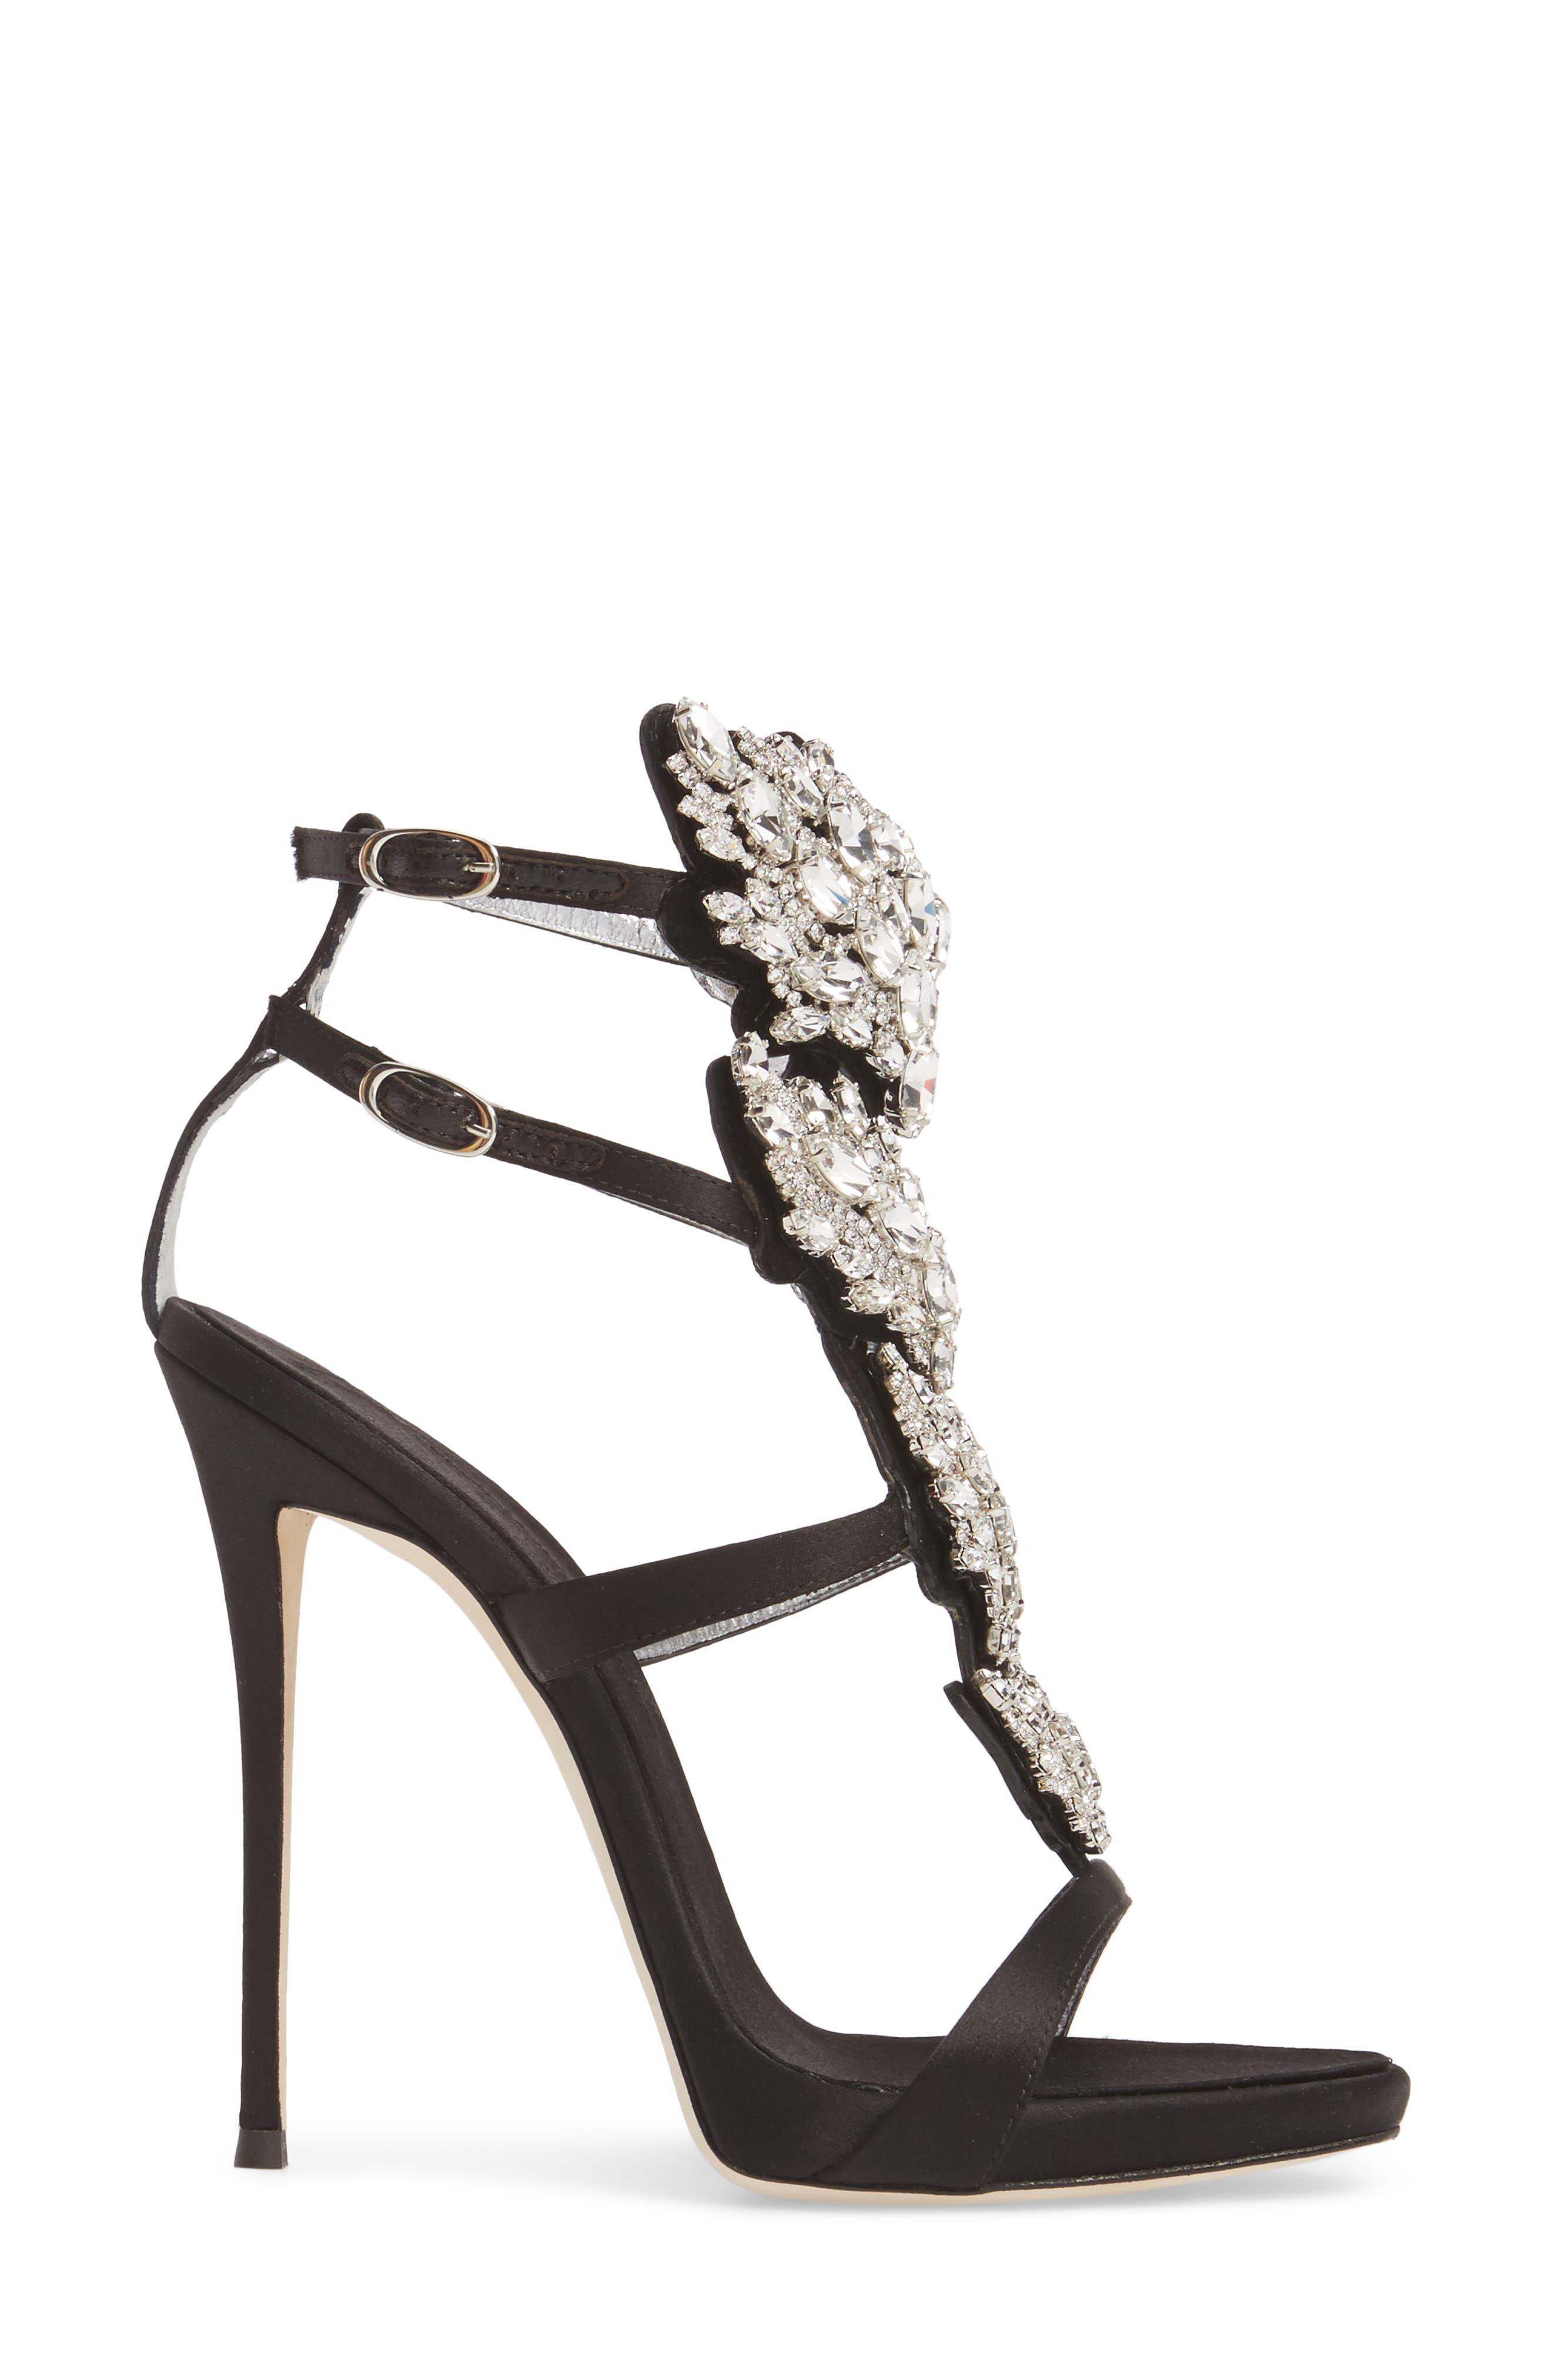 Cruel Wing Crystal Embellished Sandal,                             Alternate thumbnail 3, color,                             Black/ Crystal